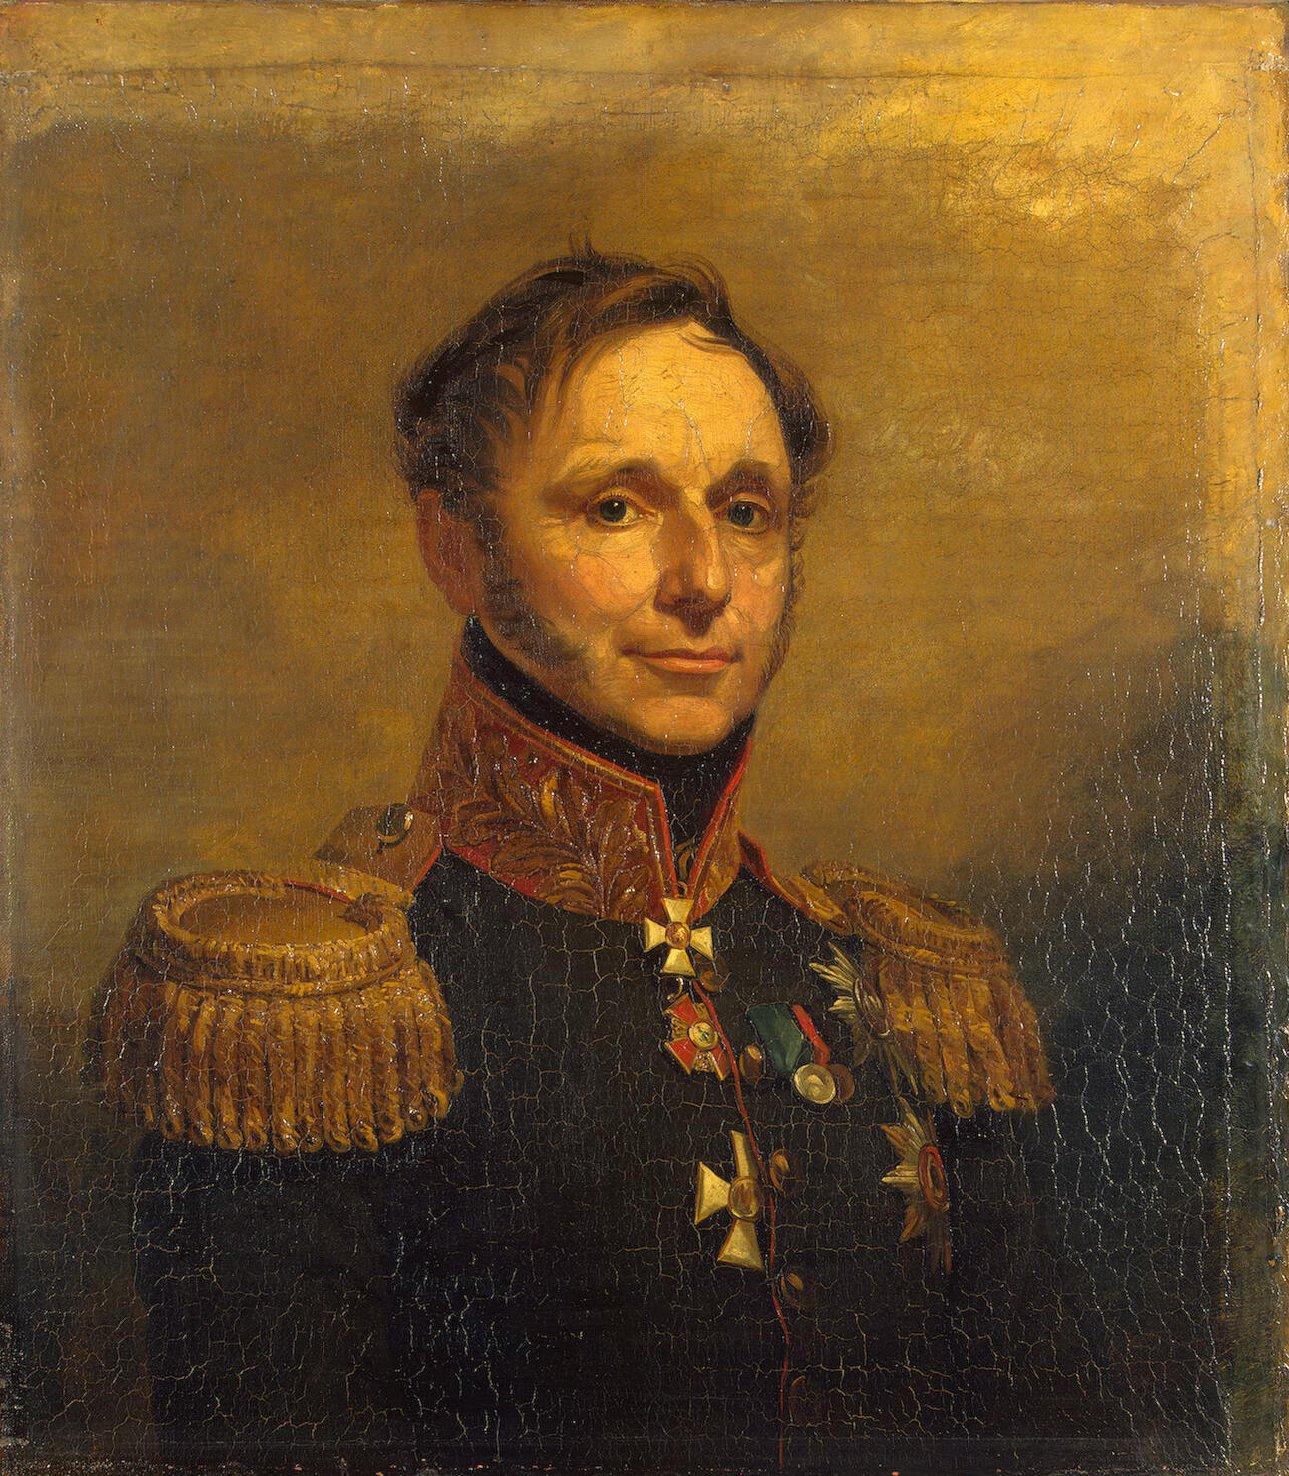 Эссен, Пётр Кириллович